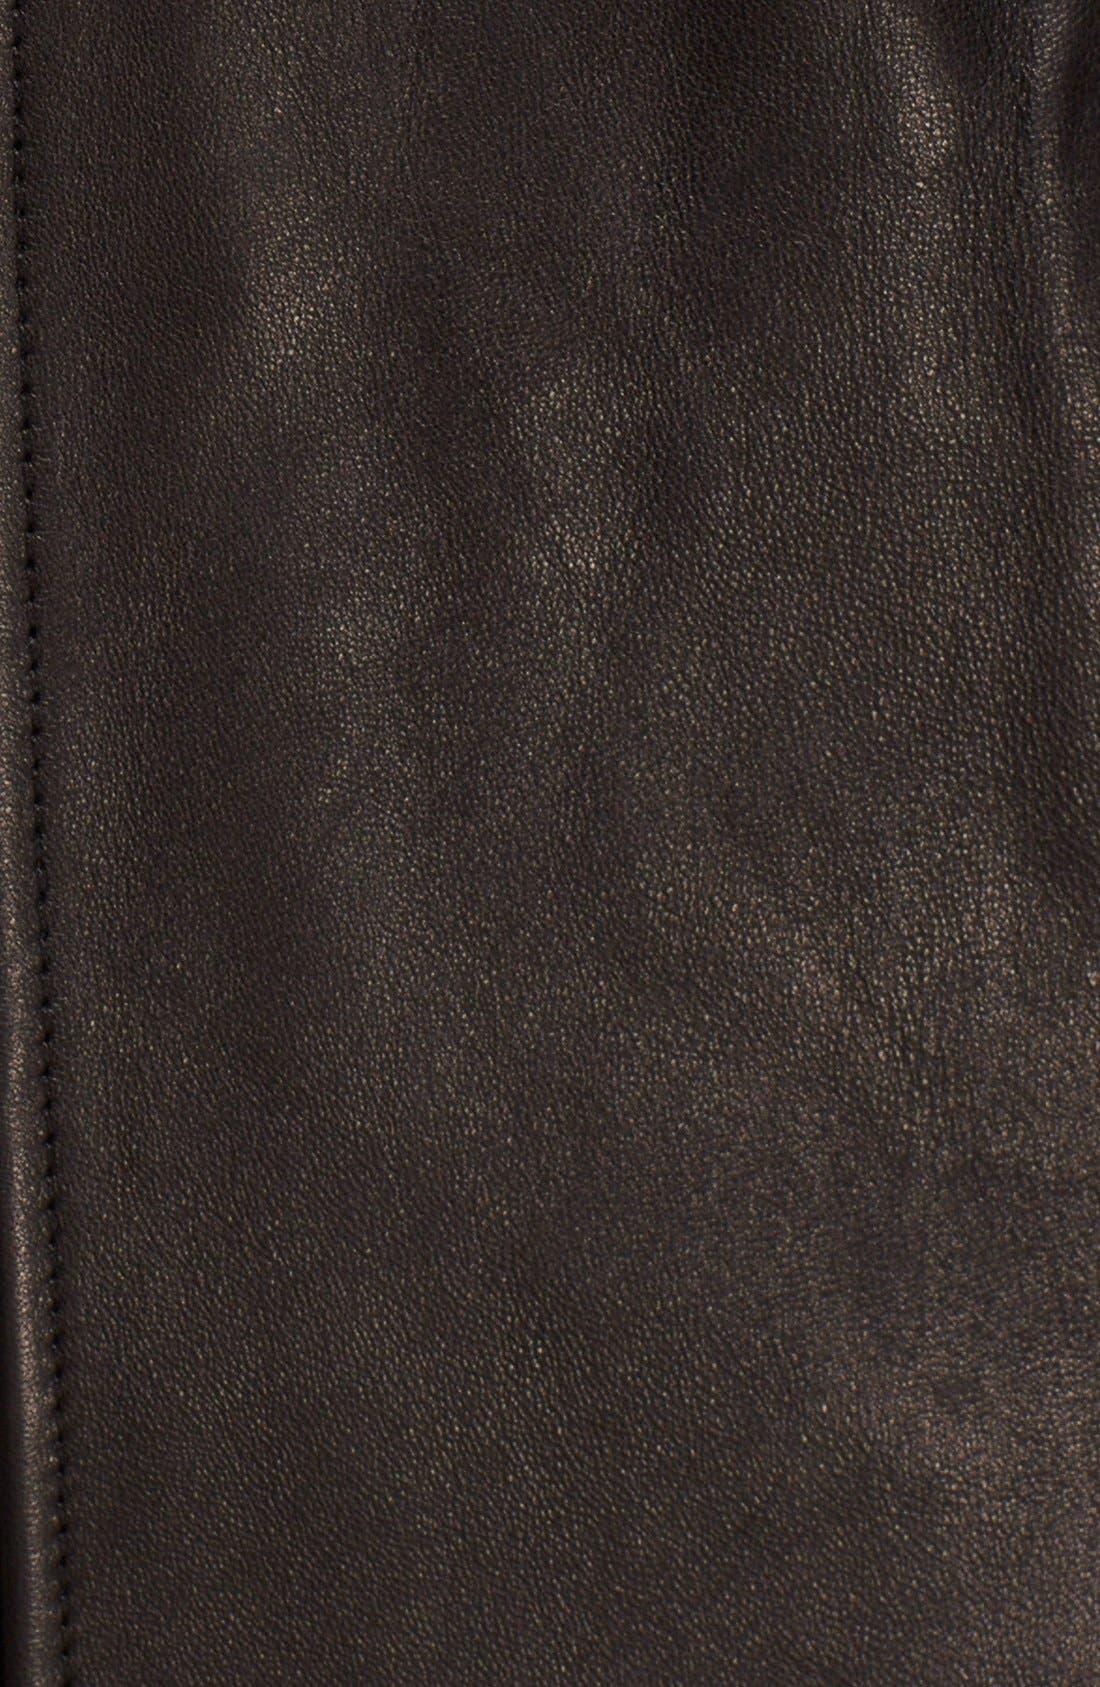 Alternate Image 3  - Diane von Furstenberg Leather Shift Dress